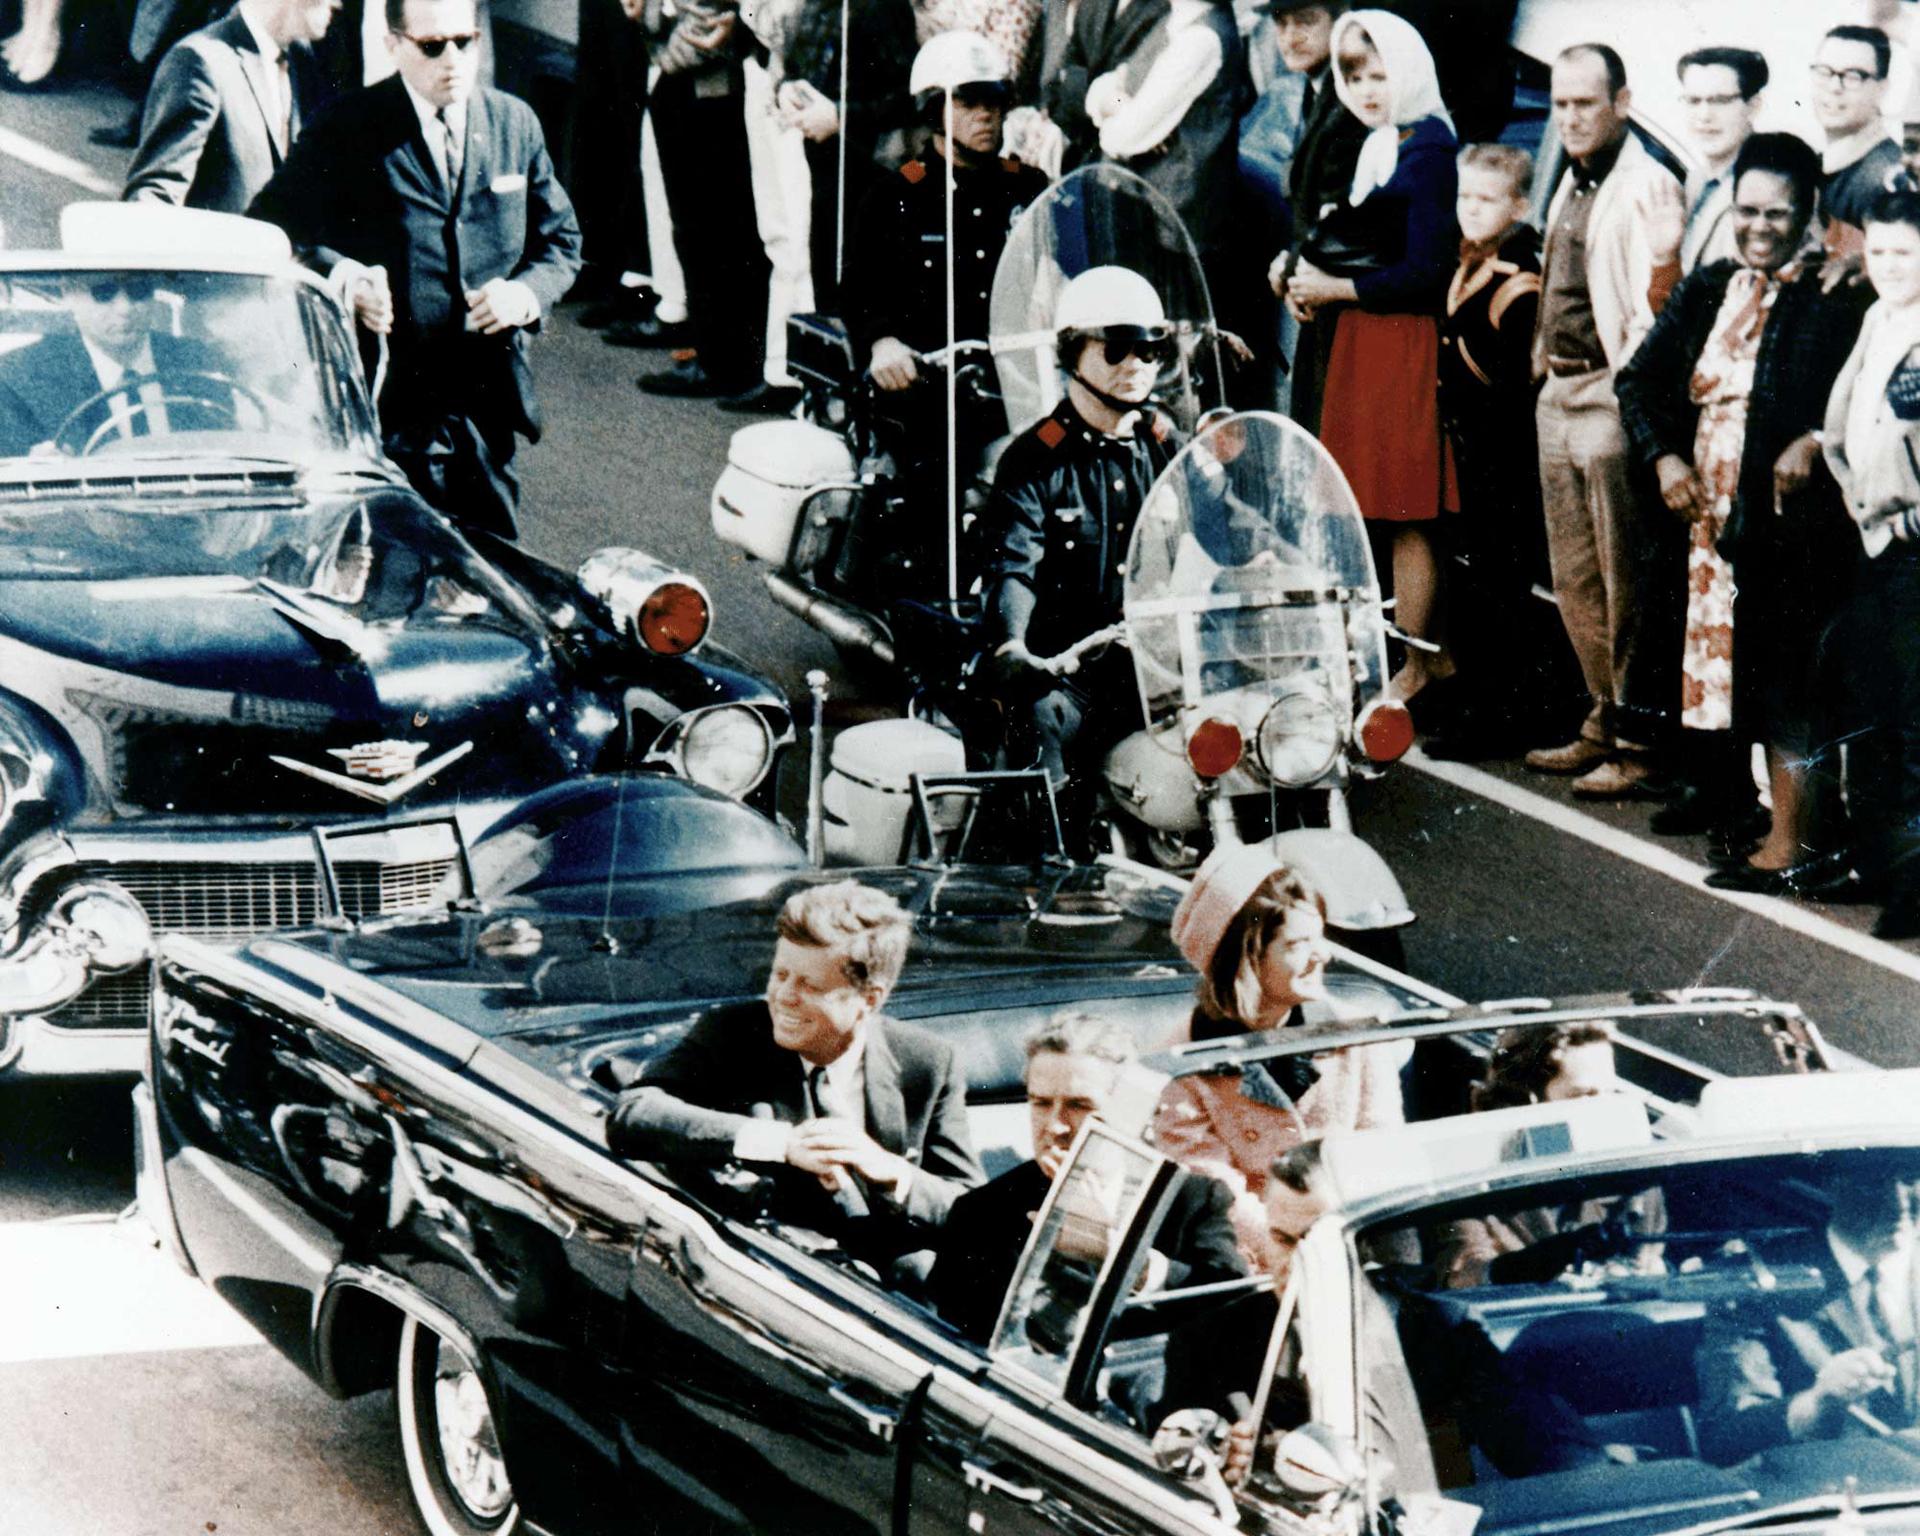 Una de las últimas fotografías que muestran a John. F. Kennedy con vida aquel 22 de noviembre de 1963